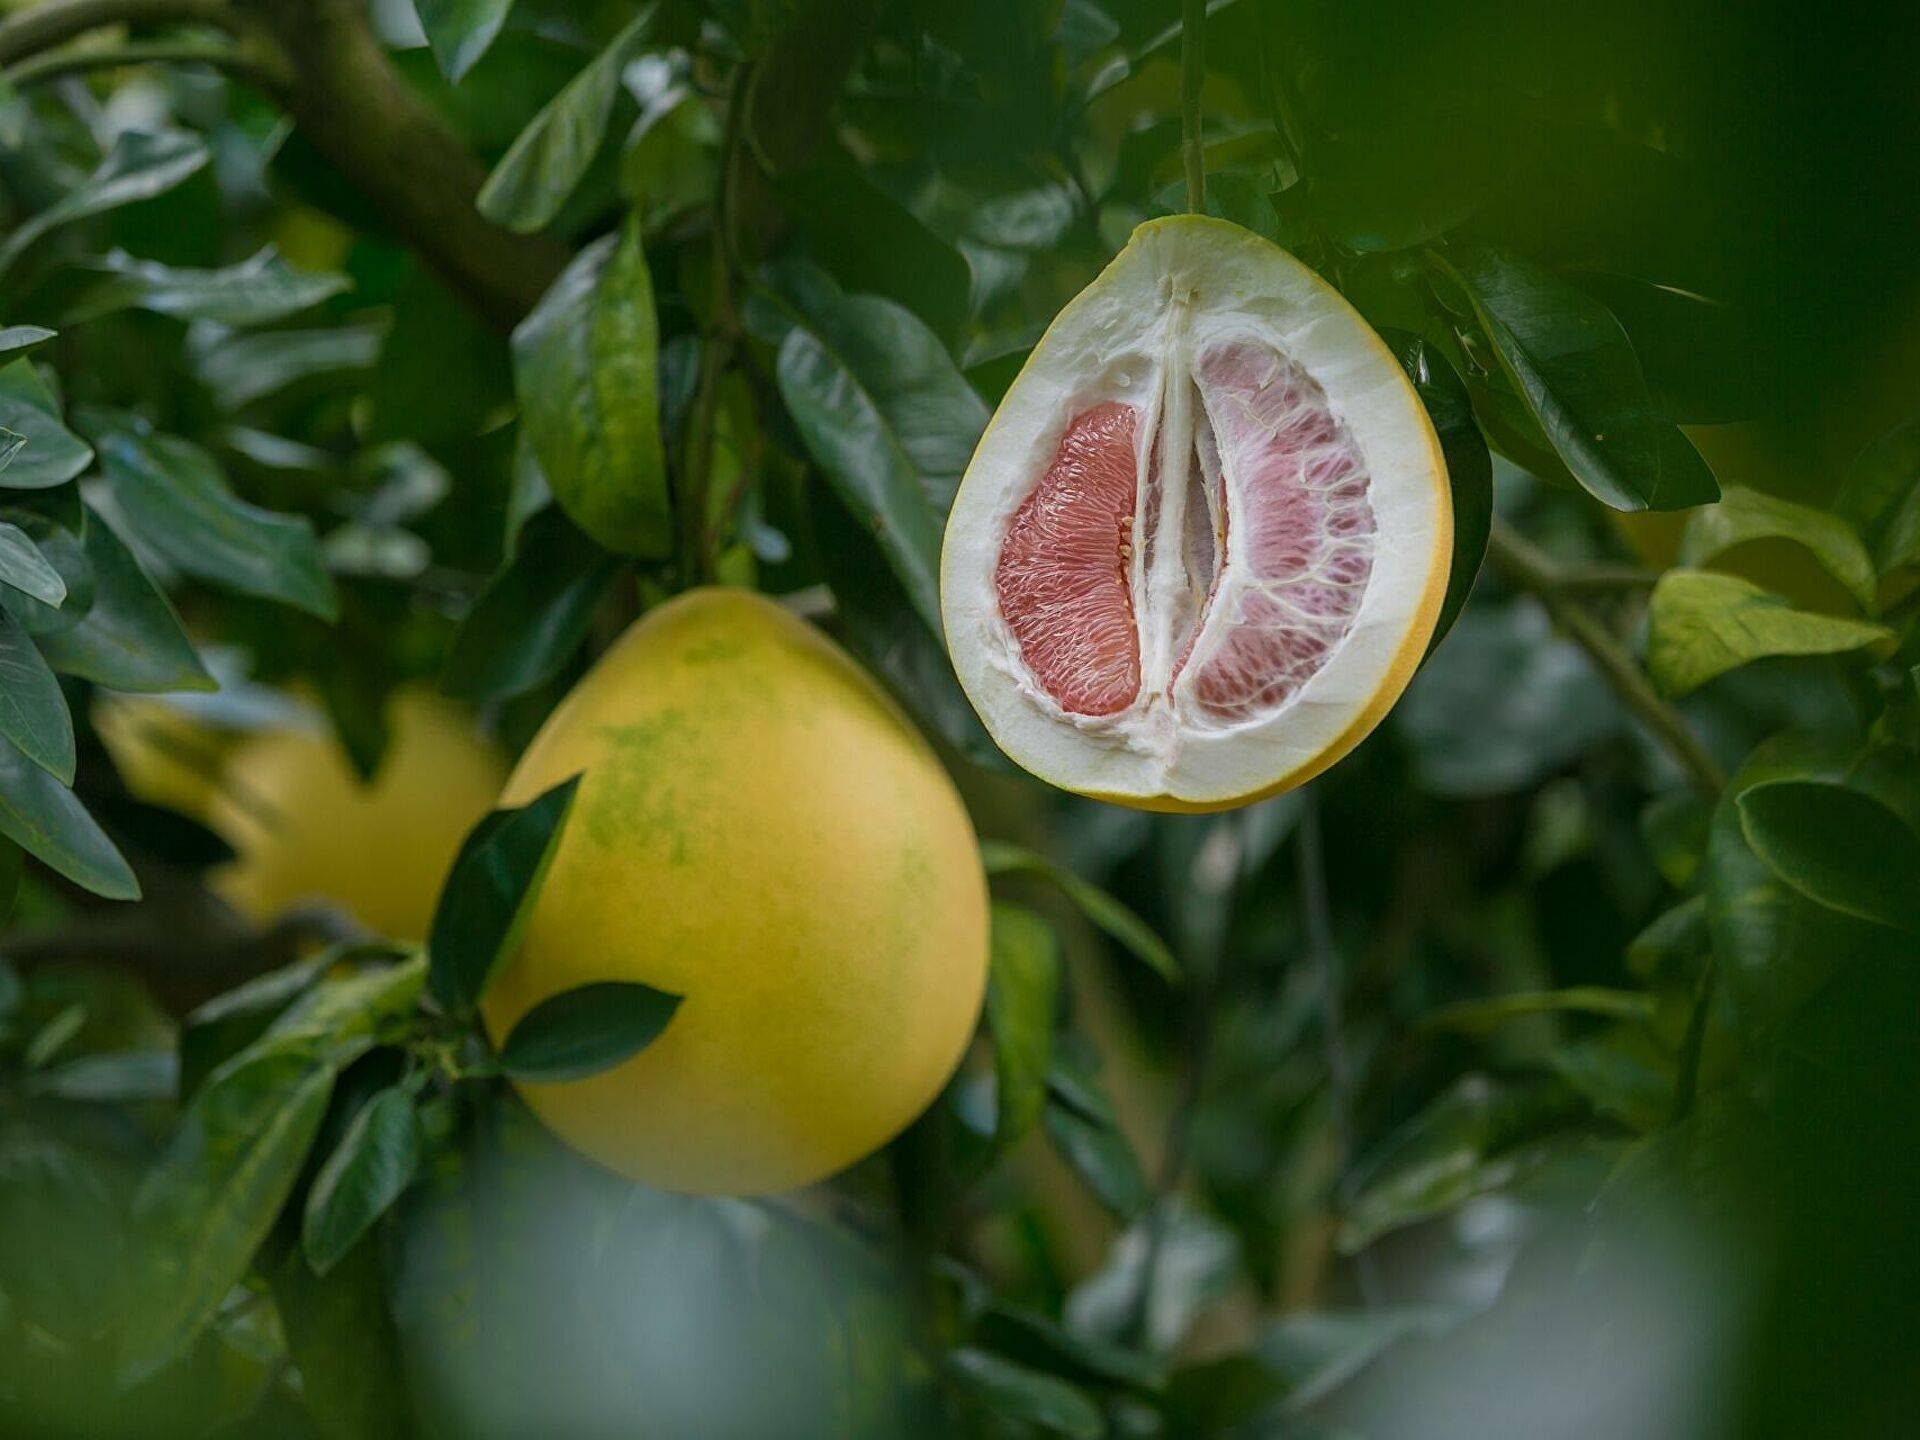 Грейпфрут: где растет, чем полезен, как выбрать, что можно сделать